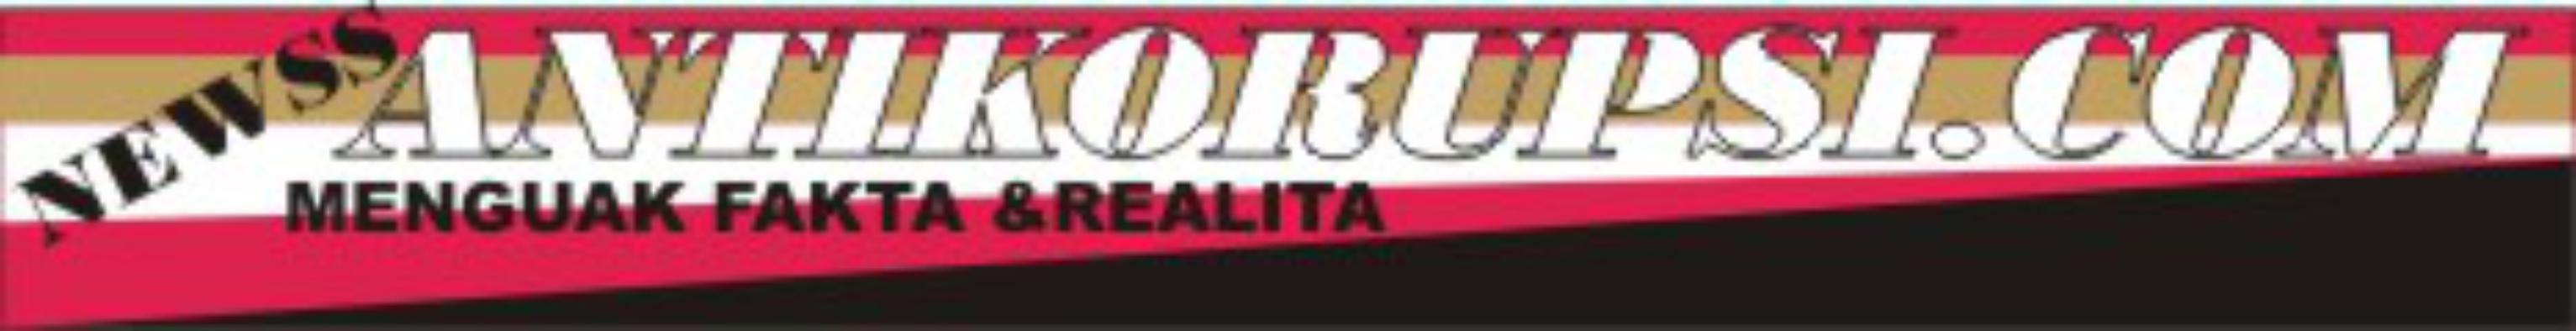 NEWSSANTIKORUPSI.COM